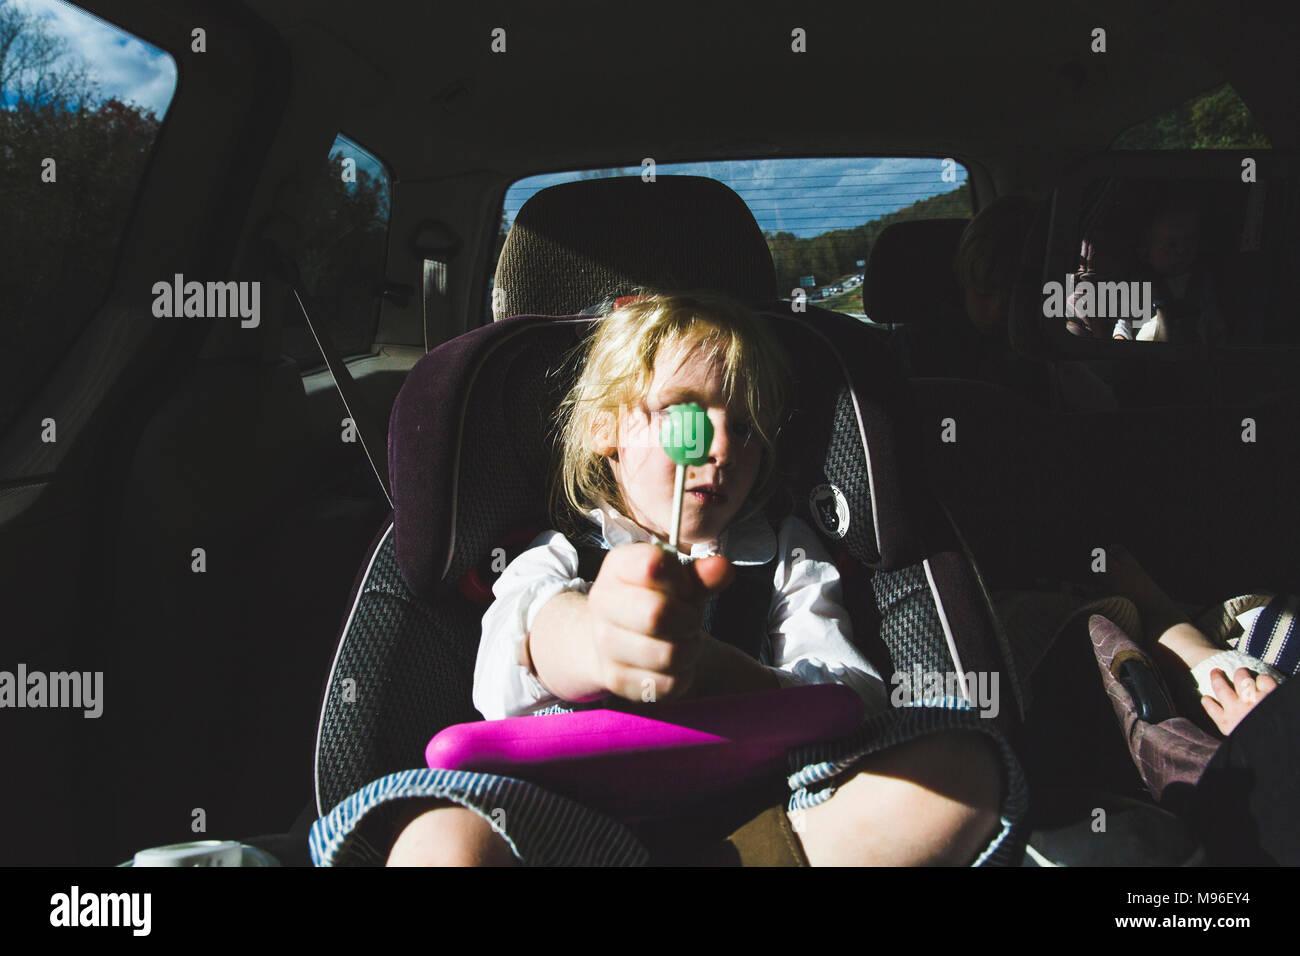 Fille avec une sucette verte sitting in car seat Banque D'Images